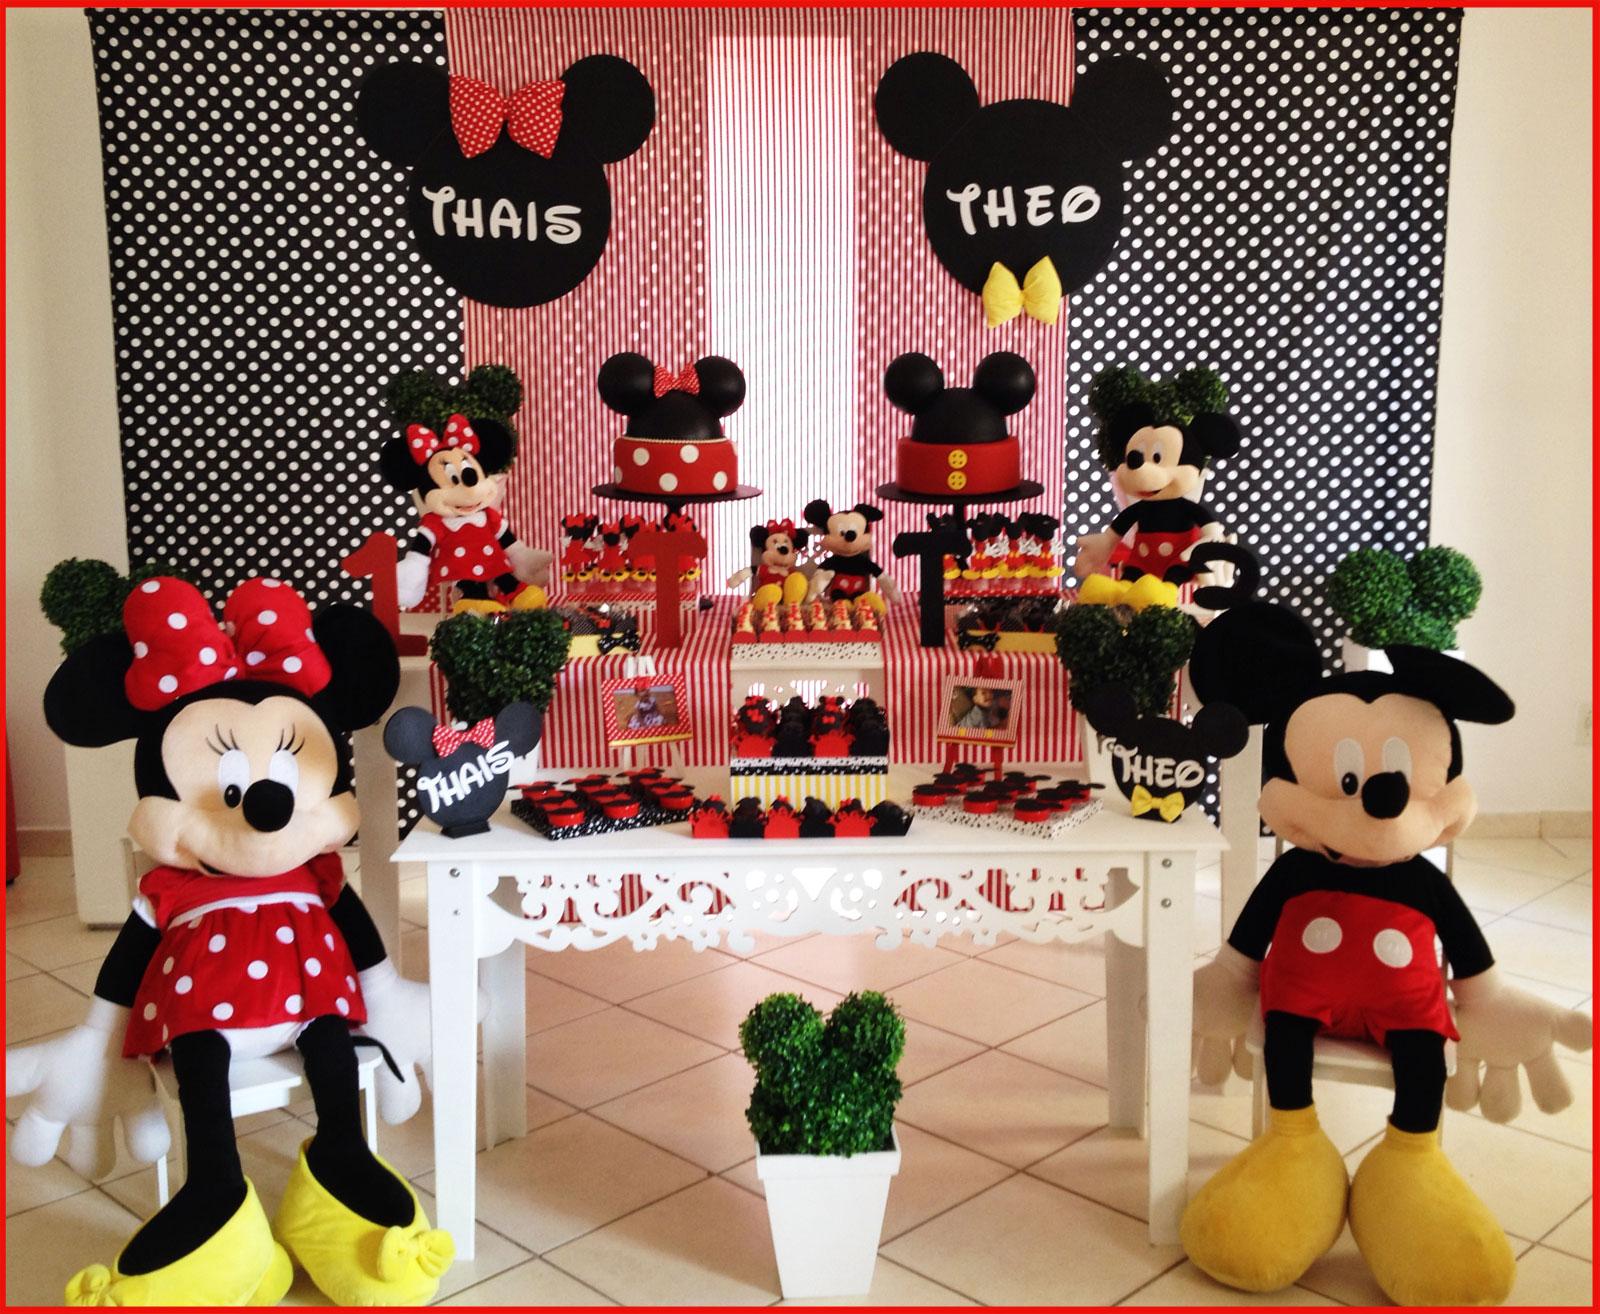 Vãrios bolos decorando a mesa de uma festa